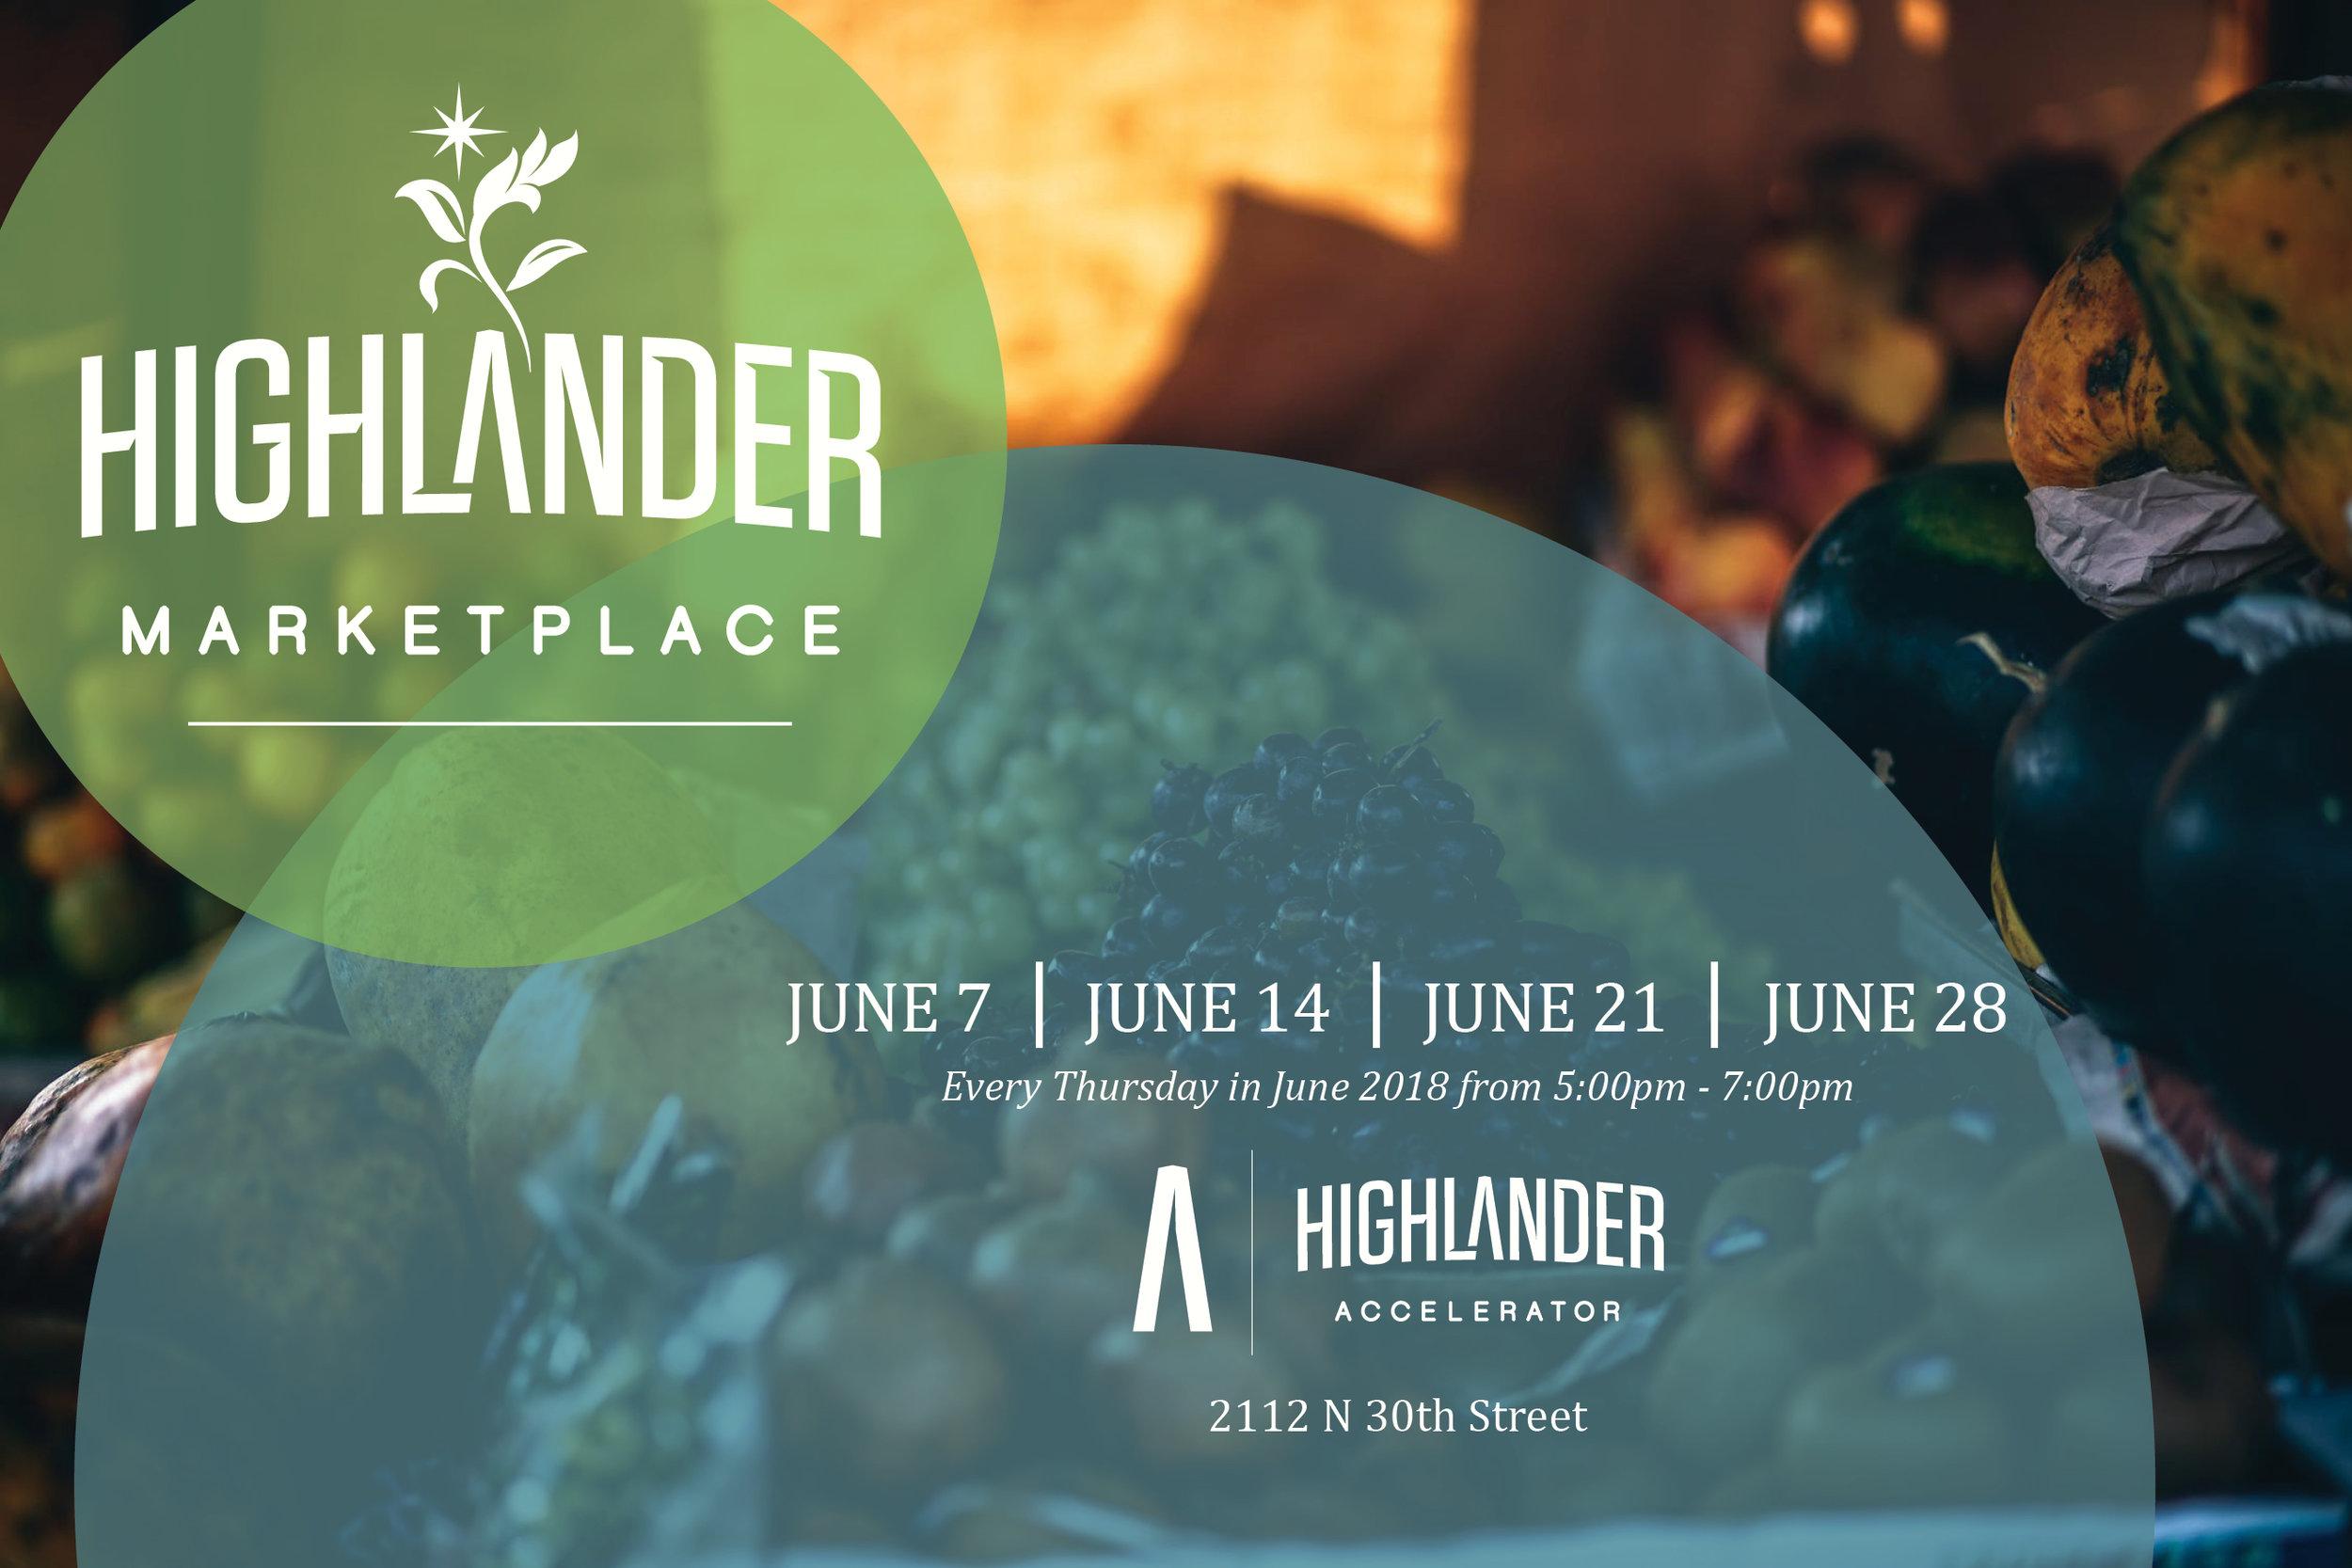 180510-HIGHLANDER.Marketplace.promo.ad-FOR.WEB (1).jpg